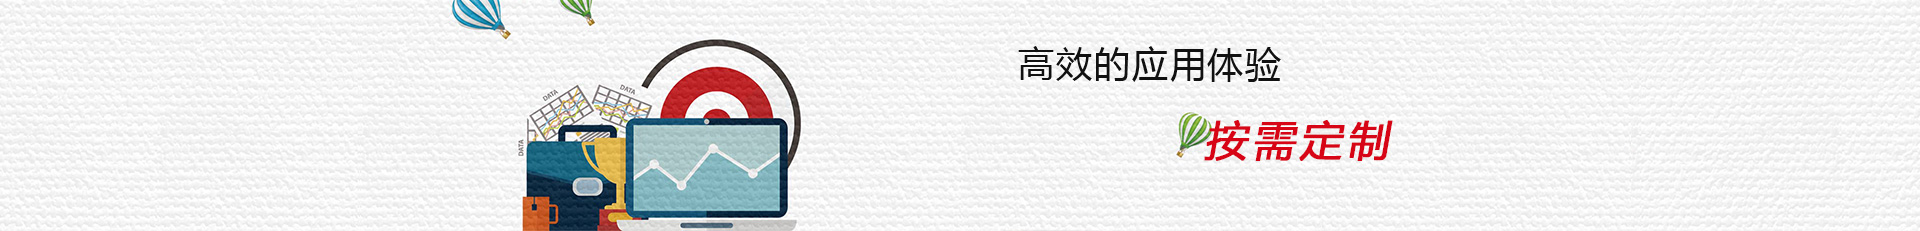 济南用友财务软件